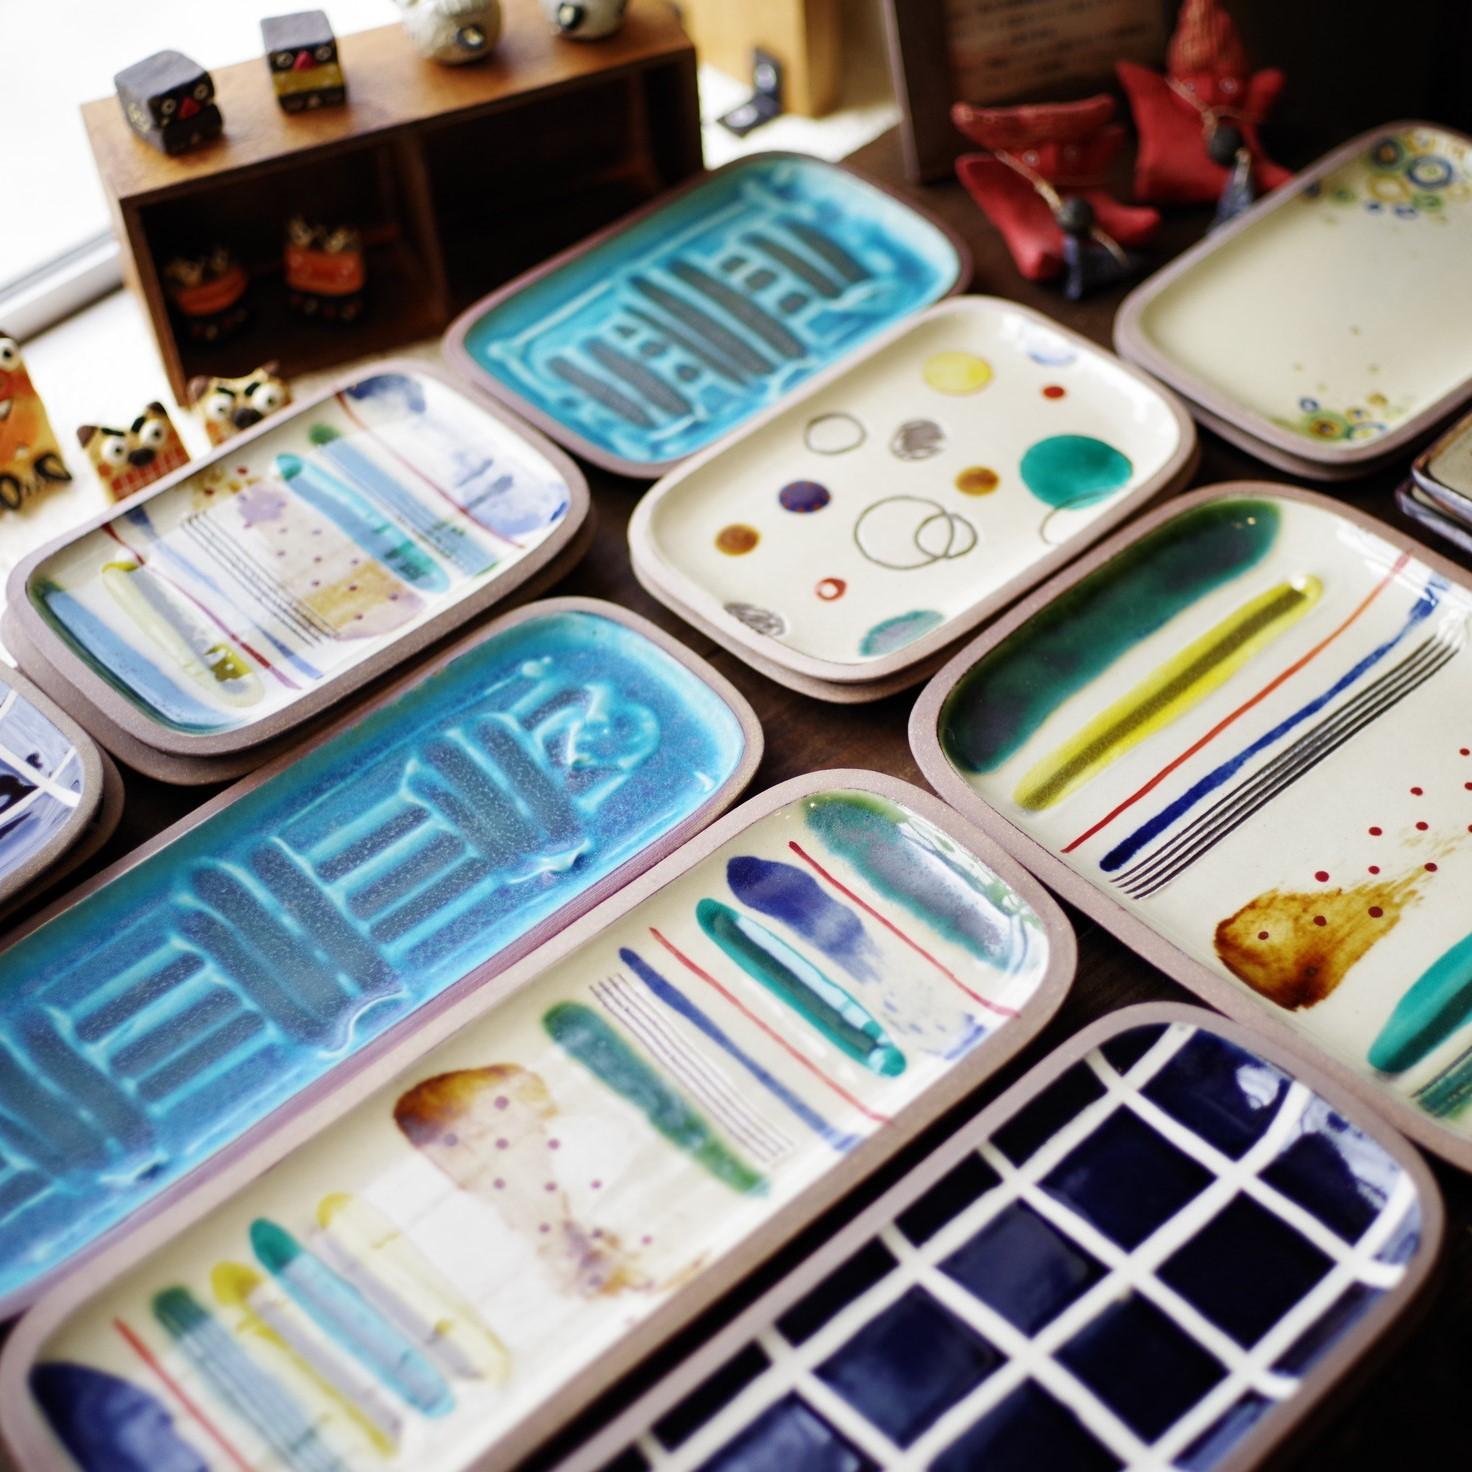 やちむんとは何?沖縄でお気に入りの食器を見つけてお土産に!